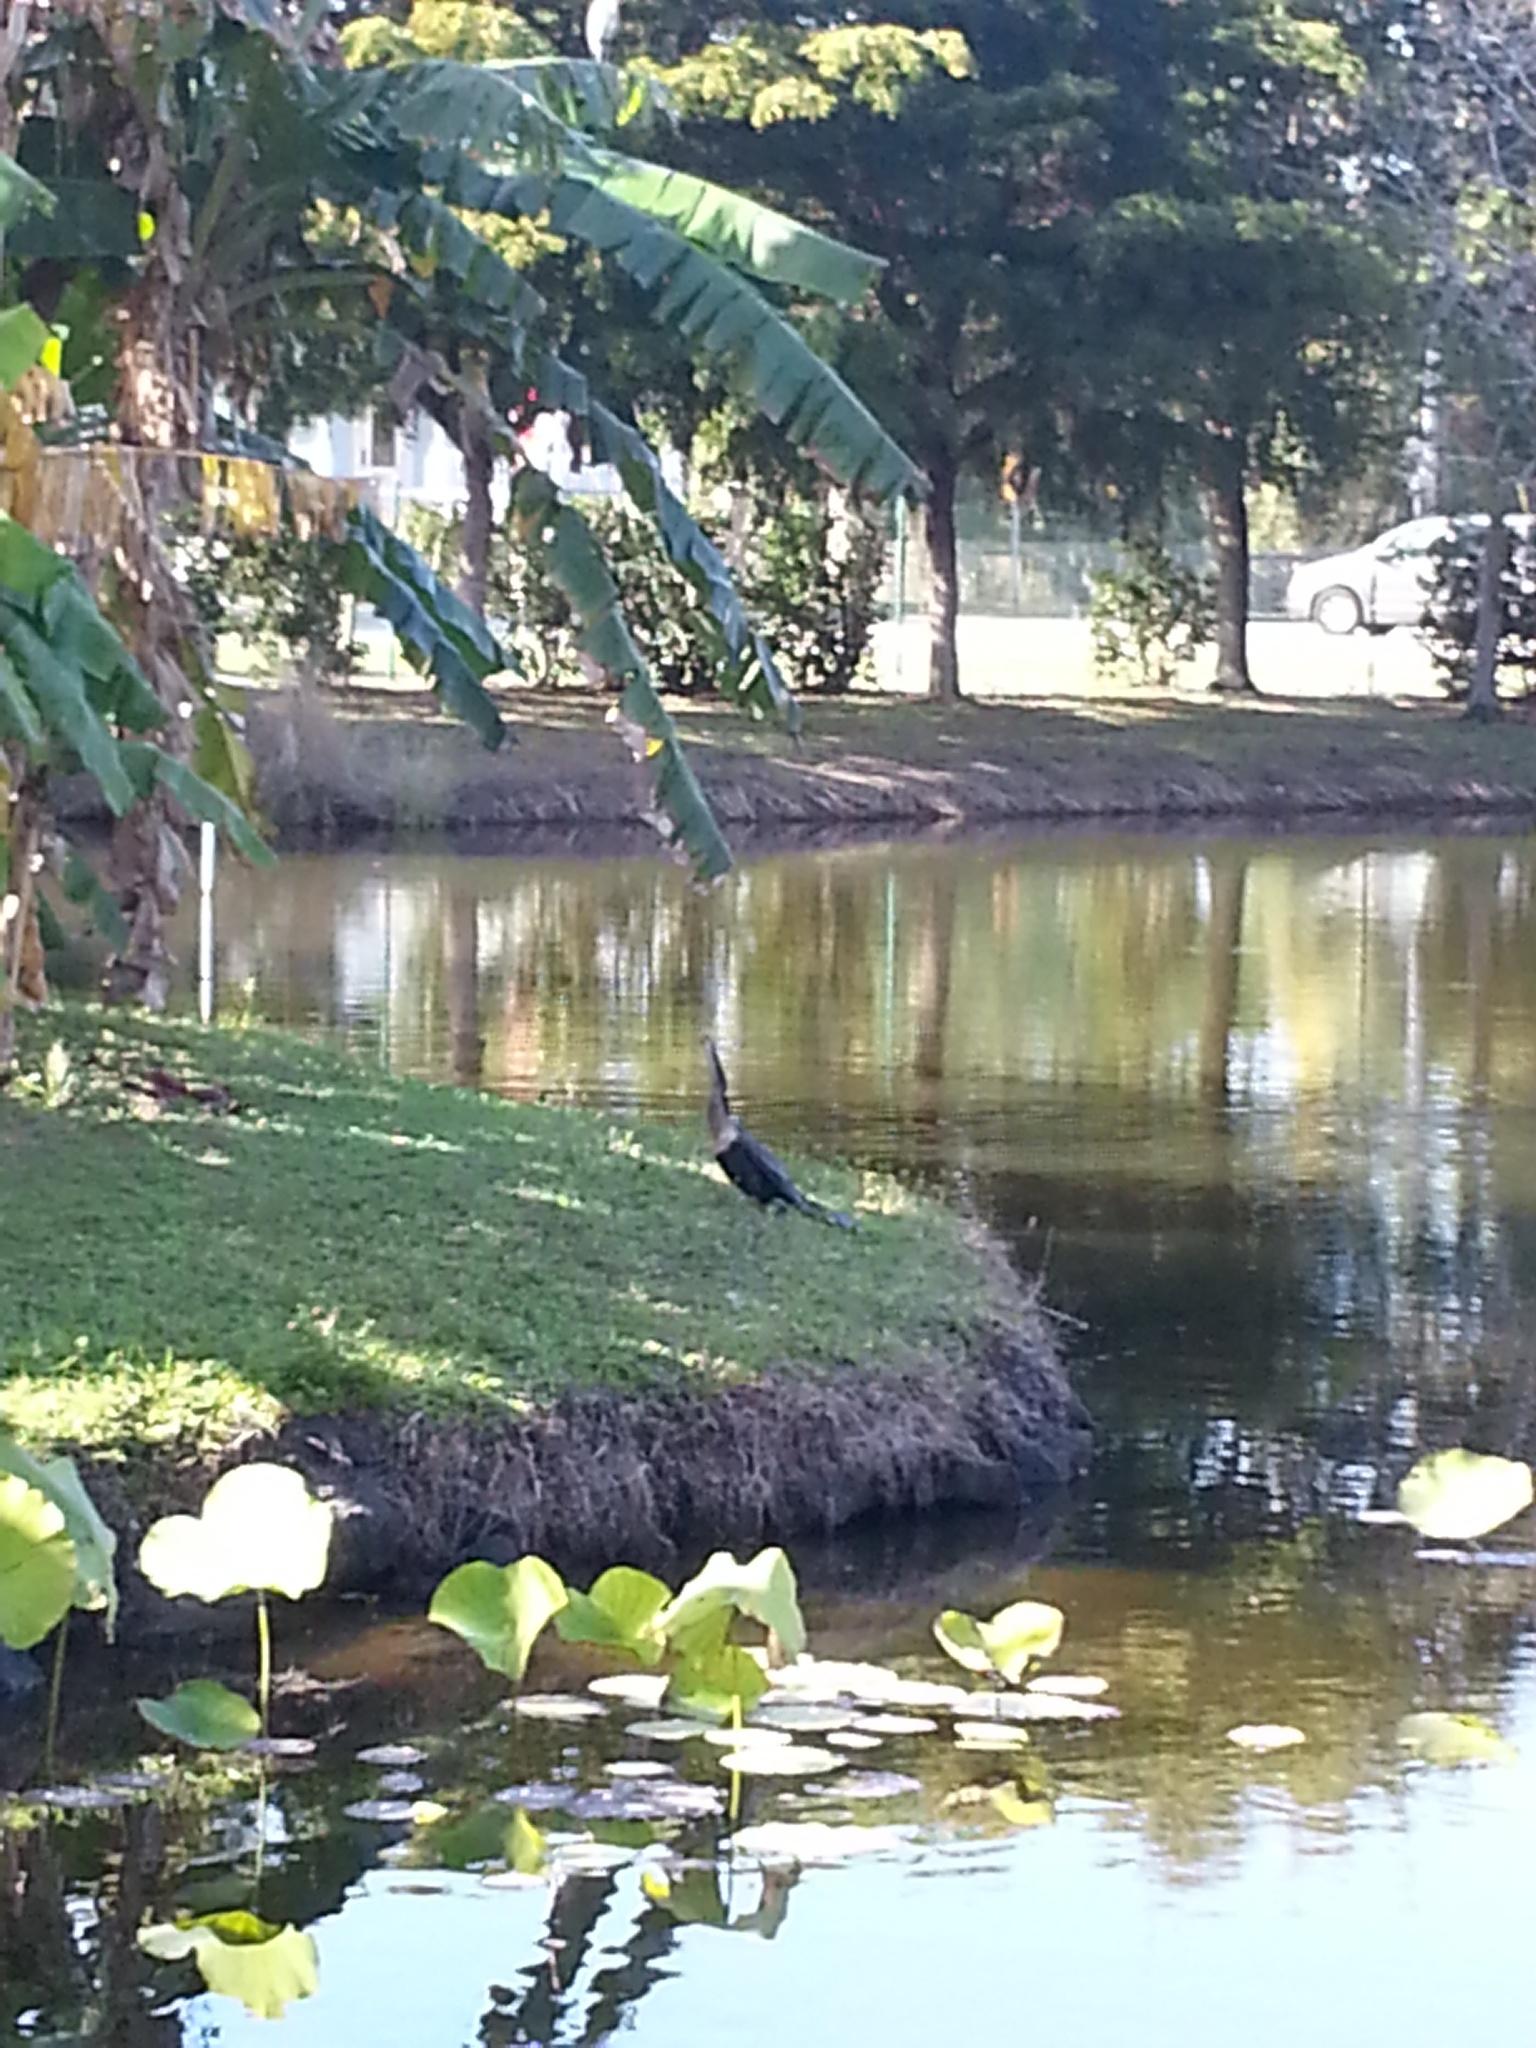 pond side cormorant by pamela.kanarr